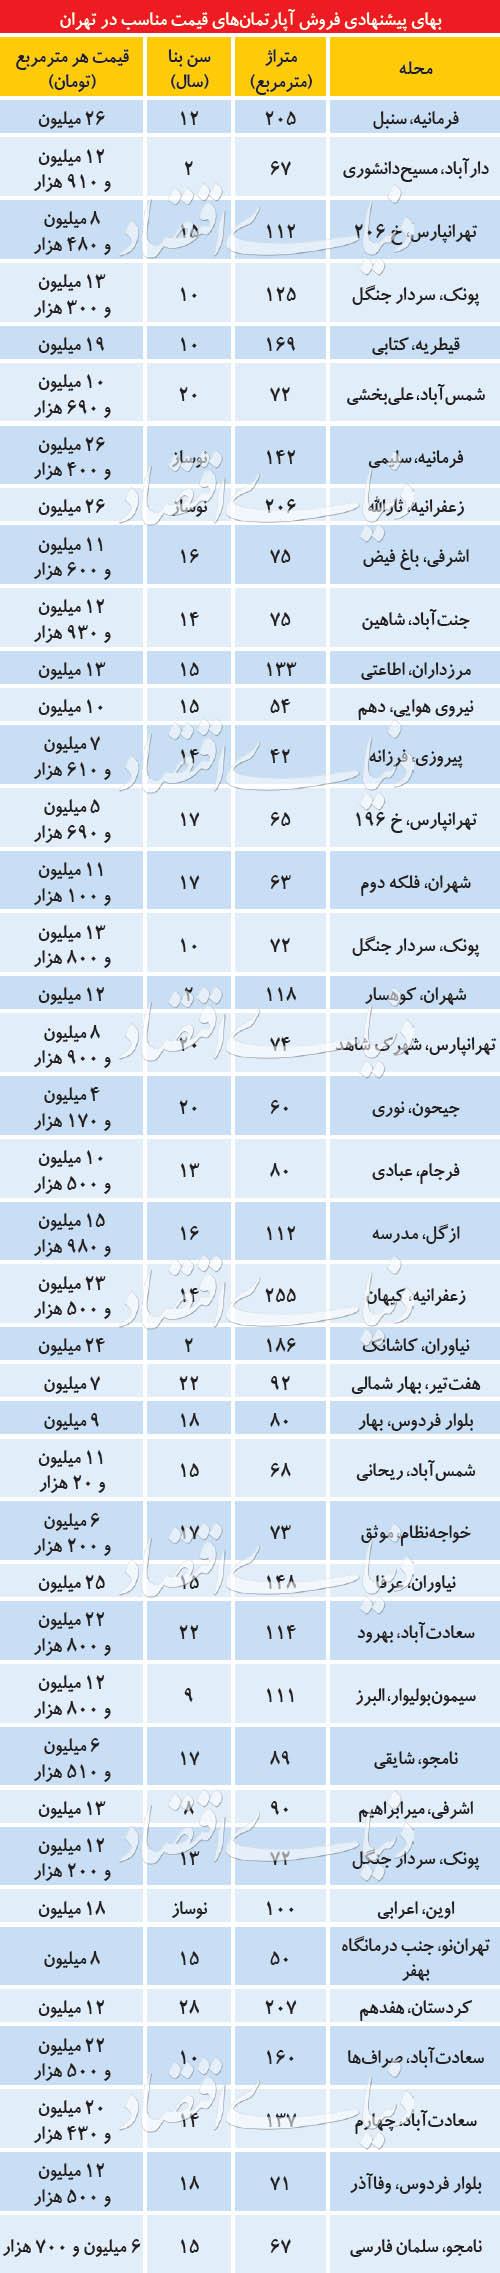 آپارتمانهای قیمتمناسب در بازار اسفندماه - 4